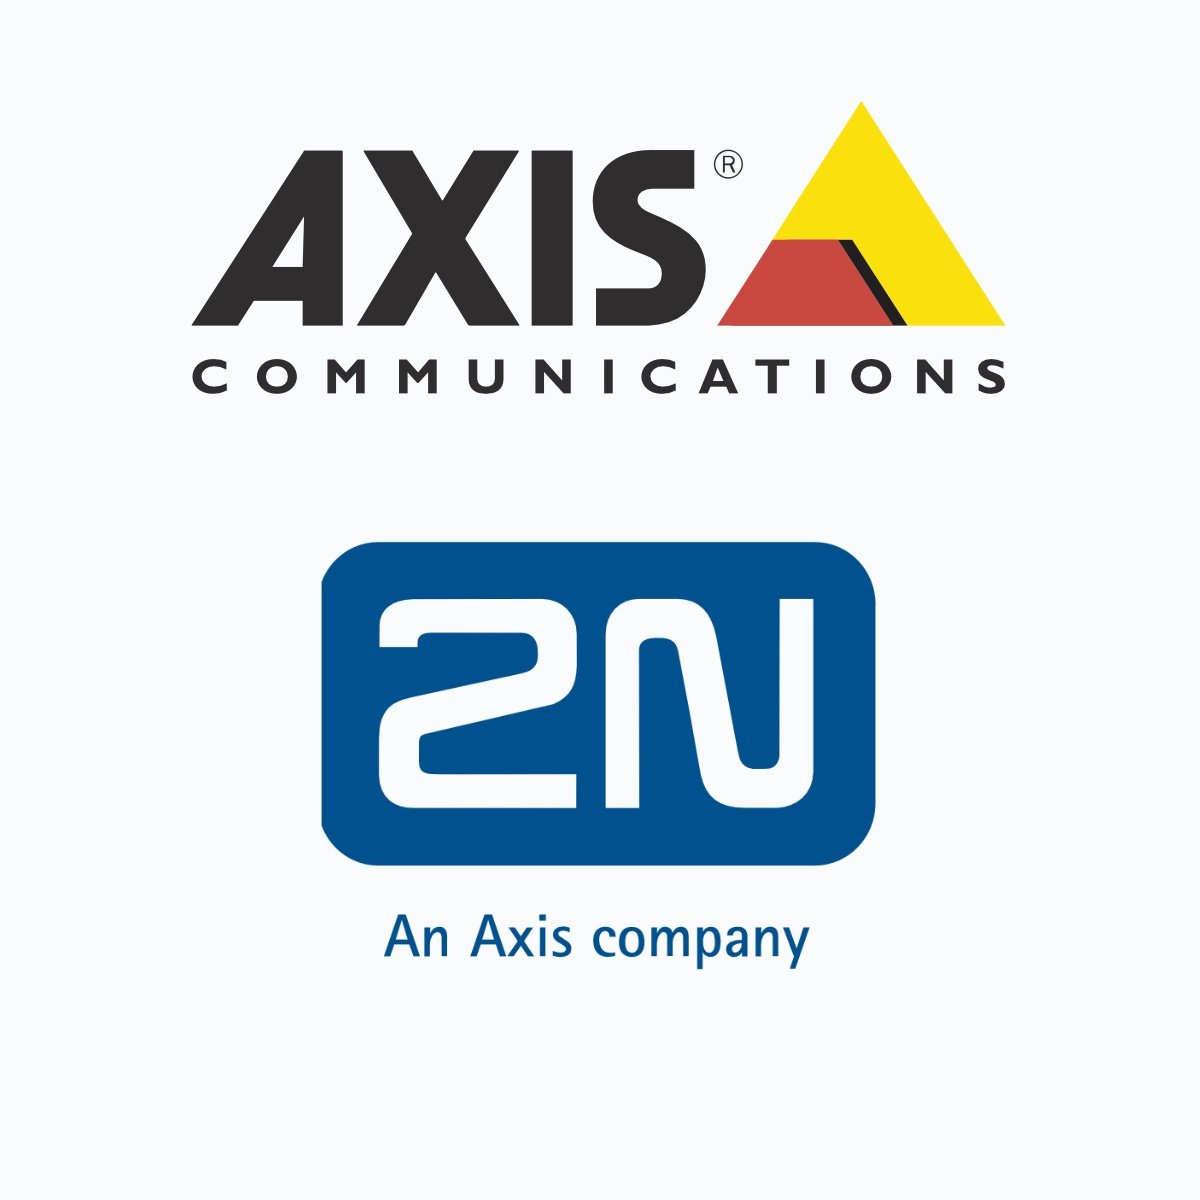 axis_2n.jpg